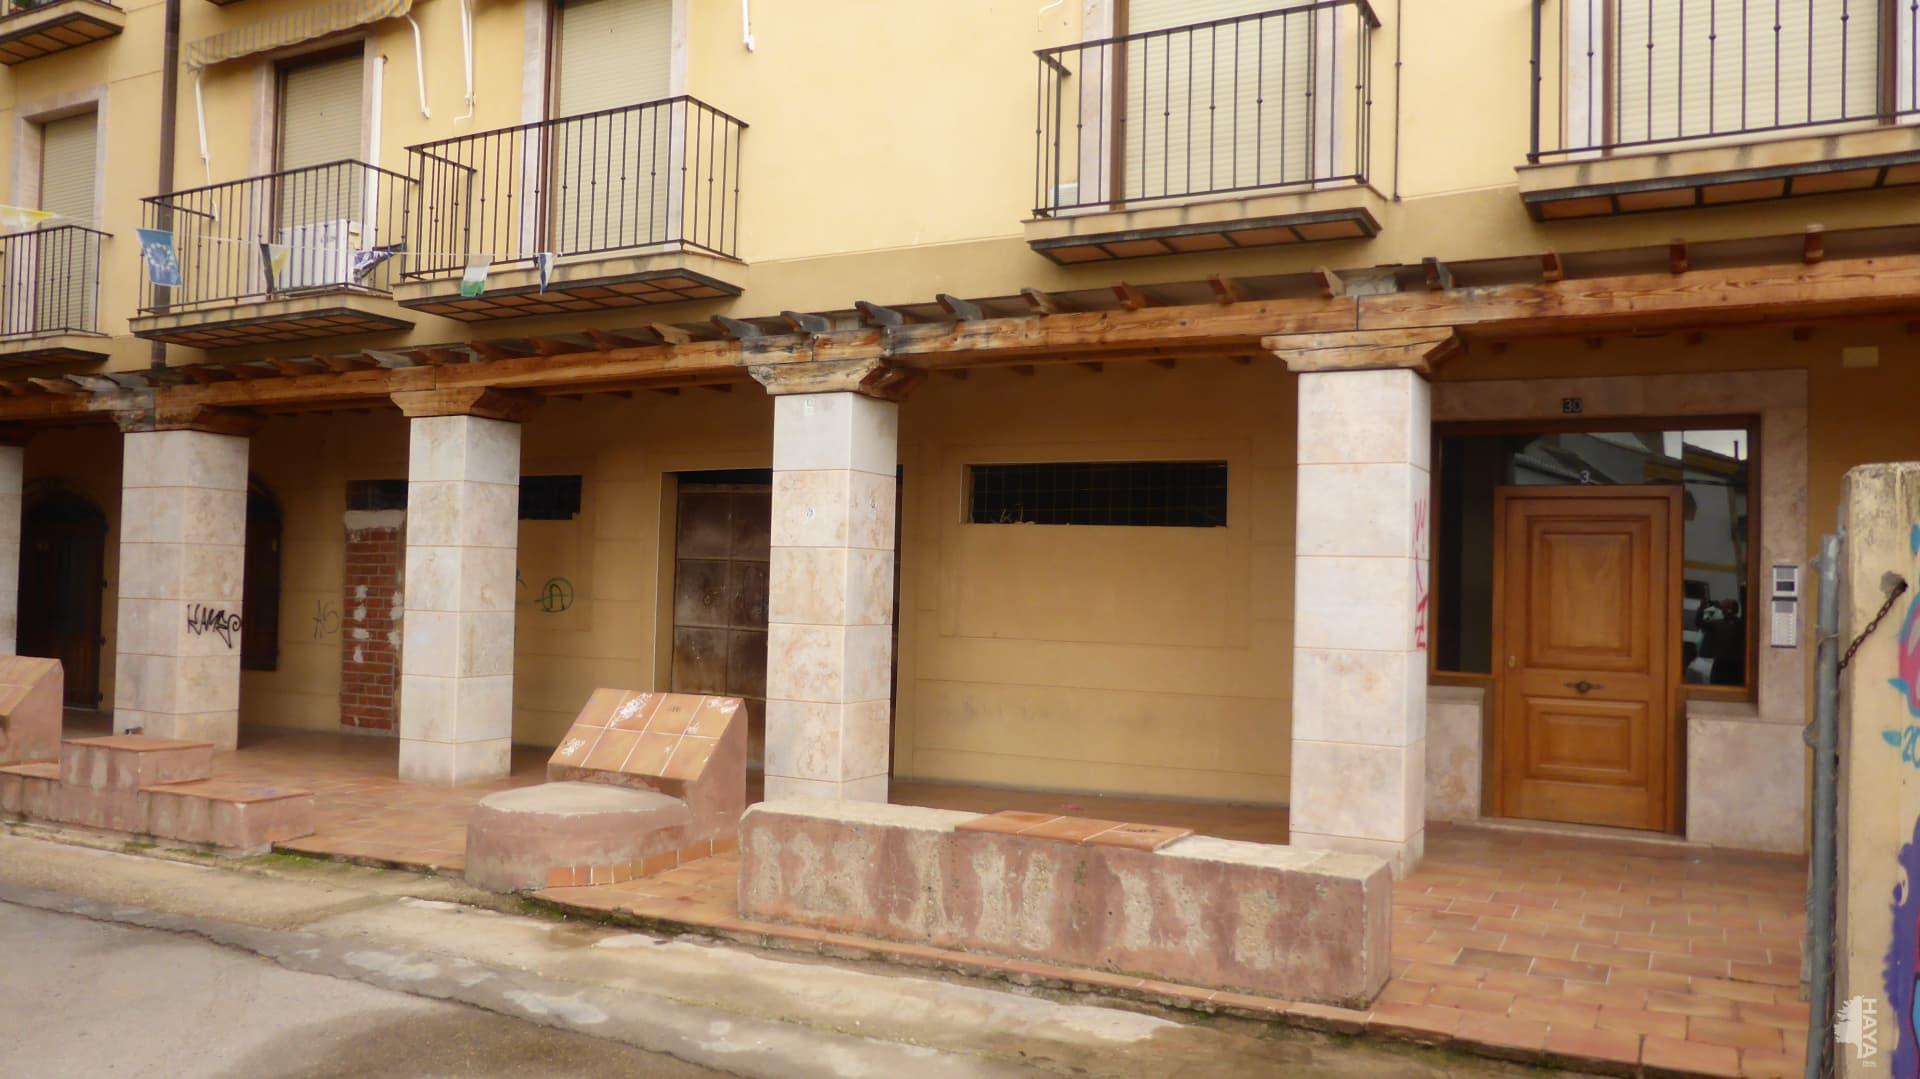 Local en venta en Herencia, Ciudad Real, Calle Mesones, 32.500 €, 103 m2